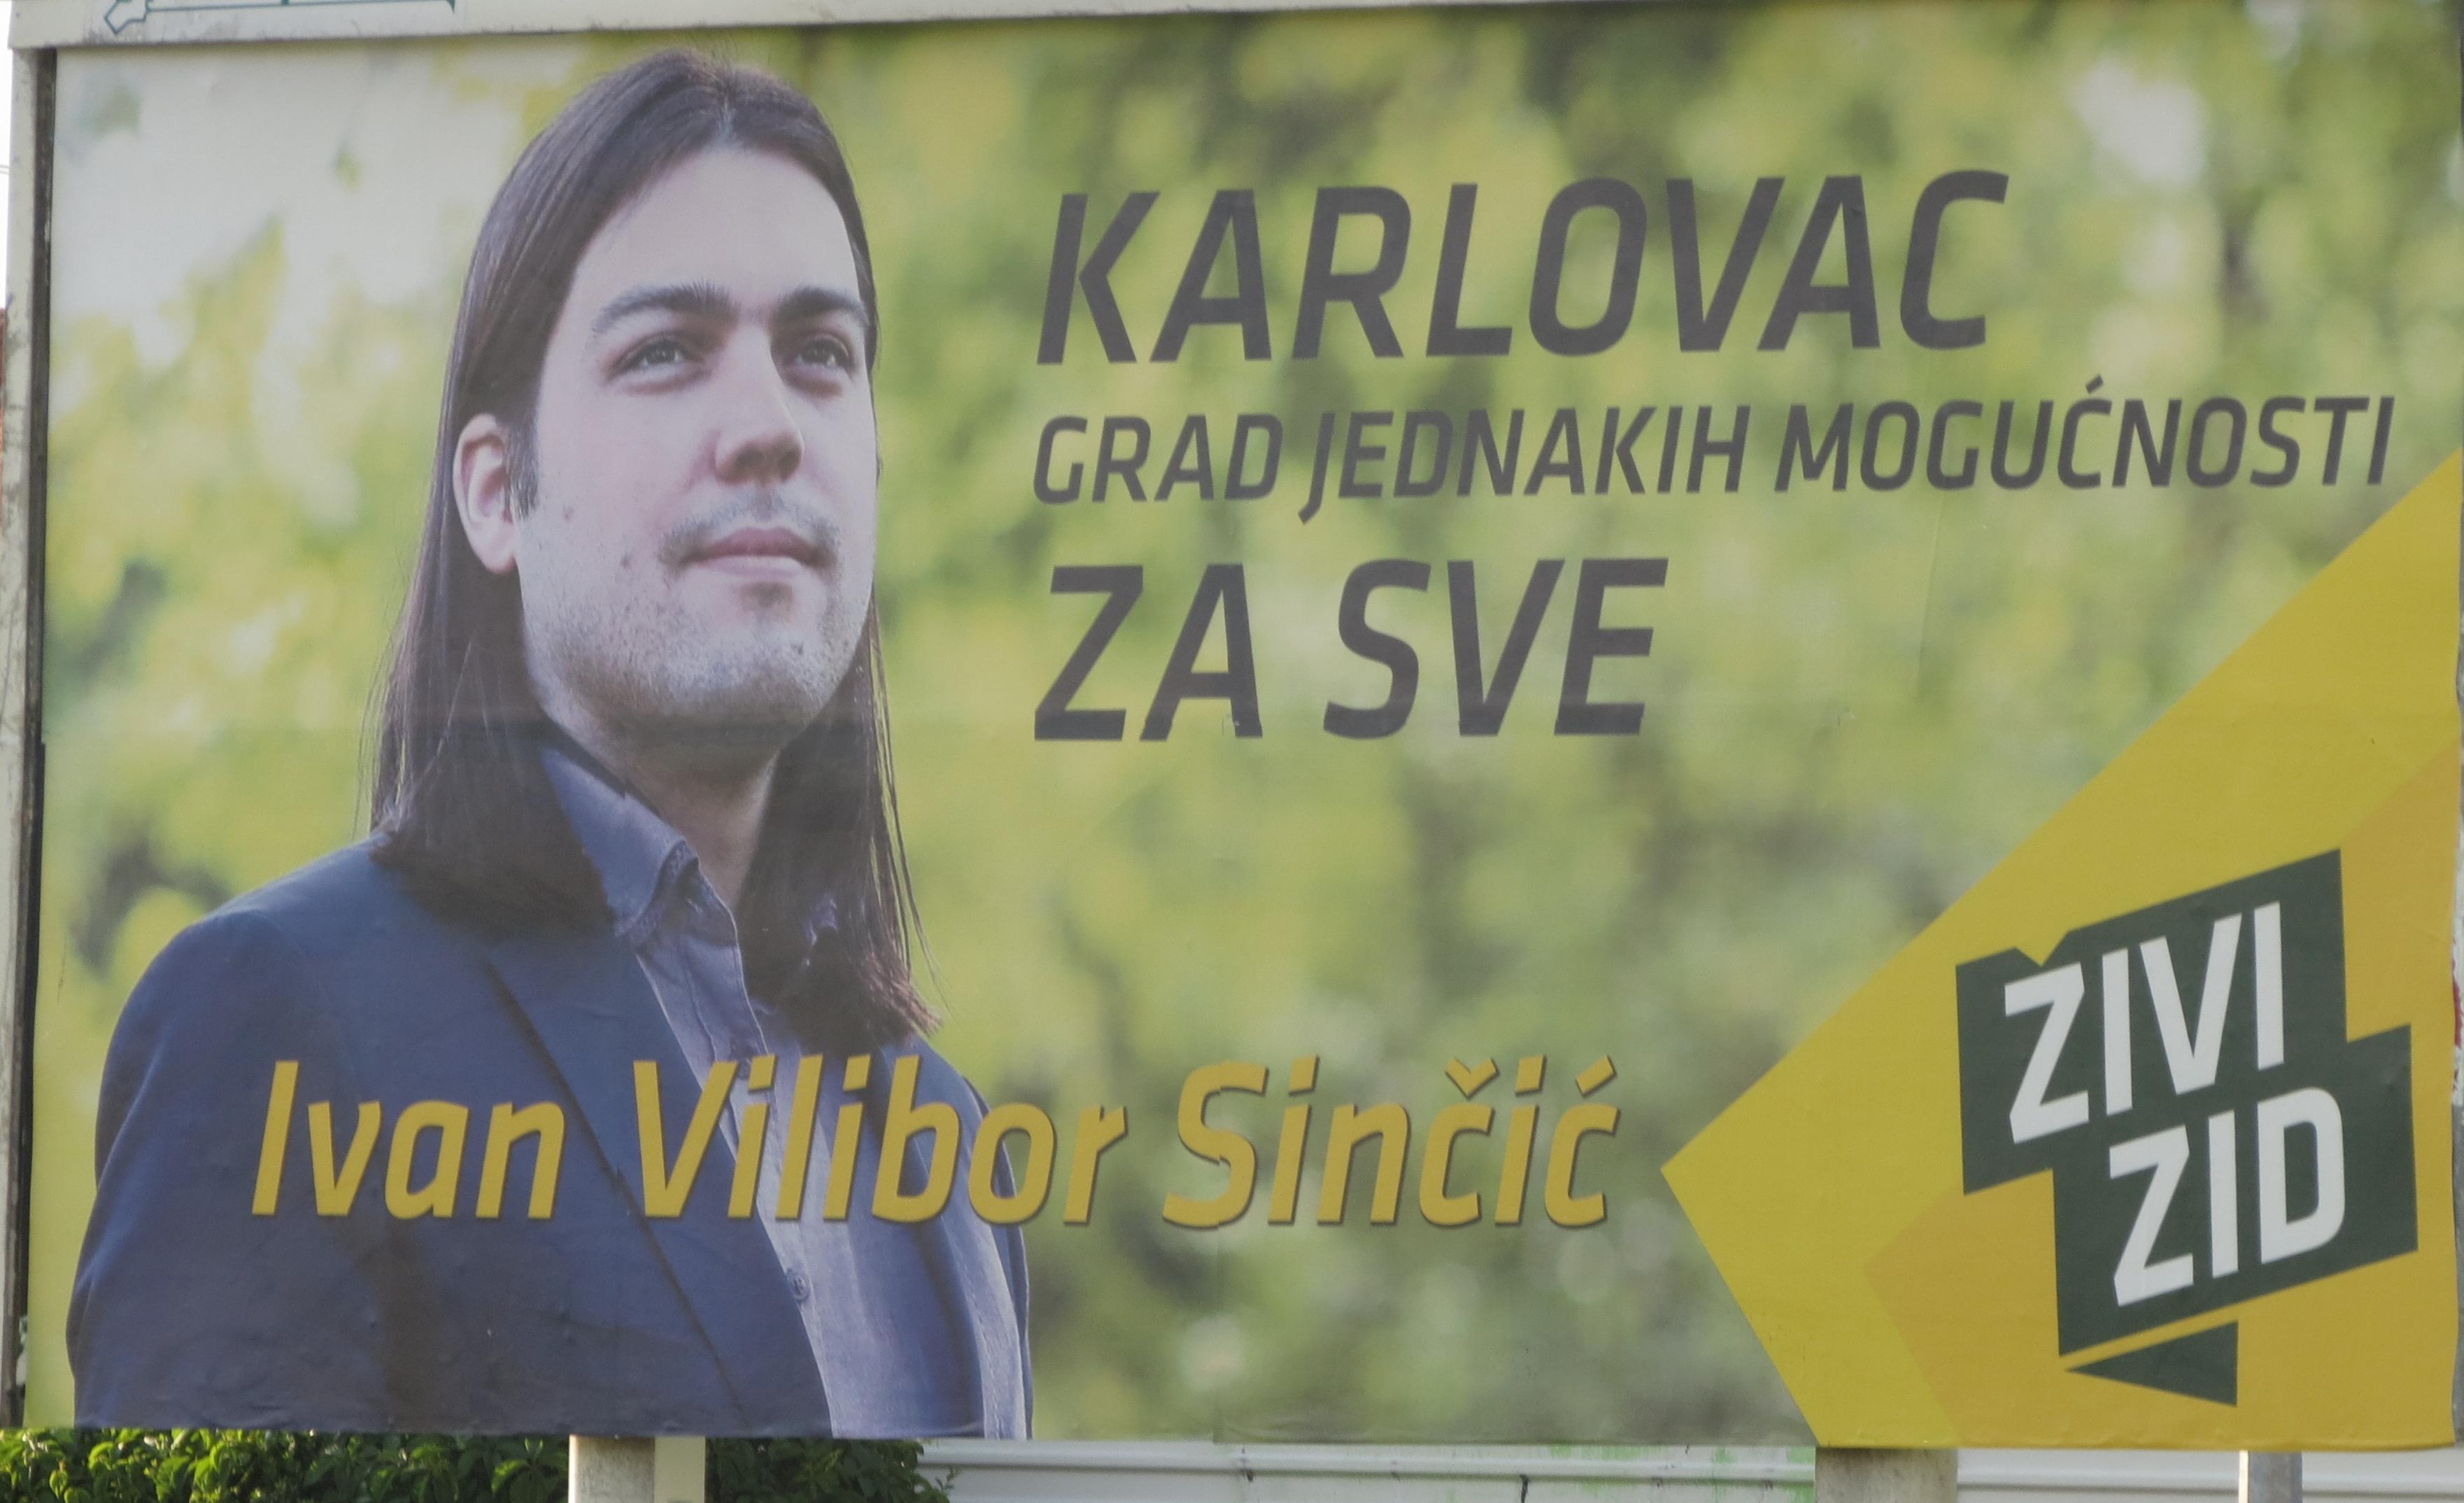 Cidade de Karlovac – Zivi Zid (Escudo Humano)